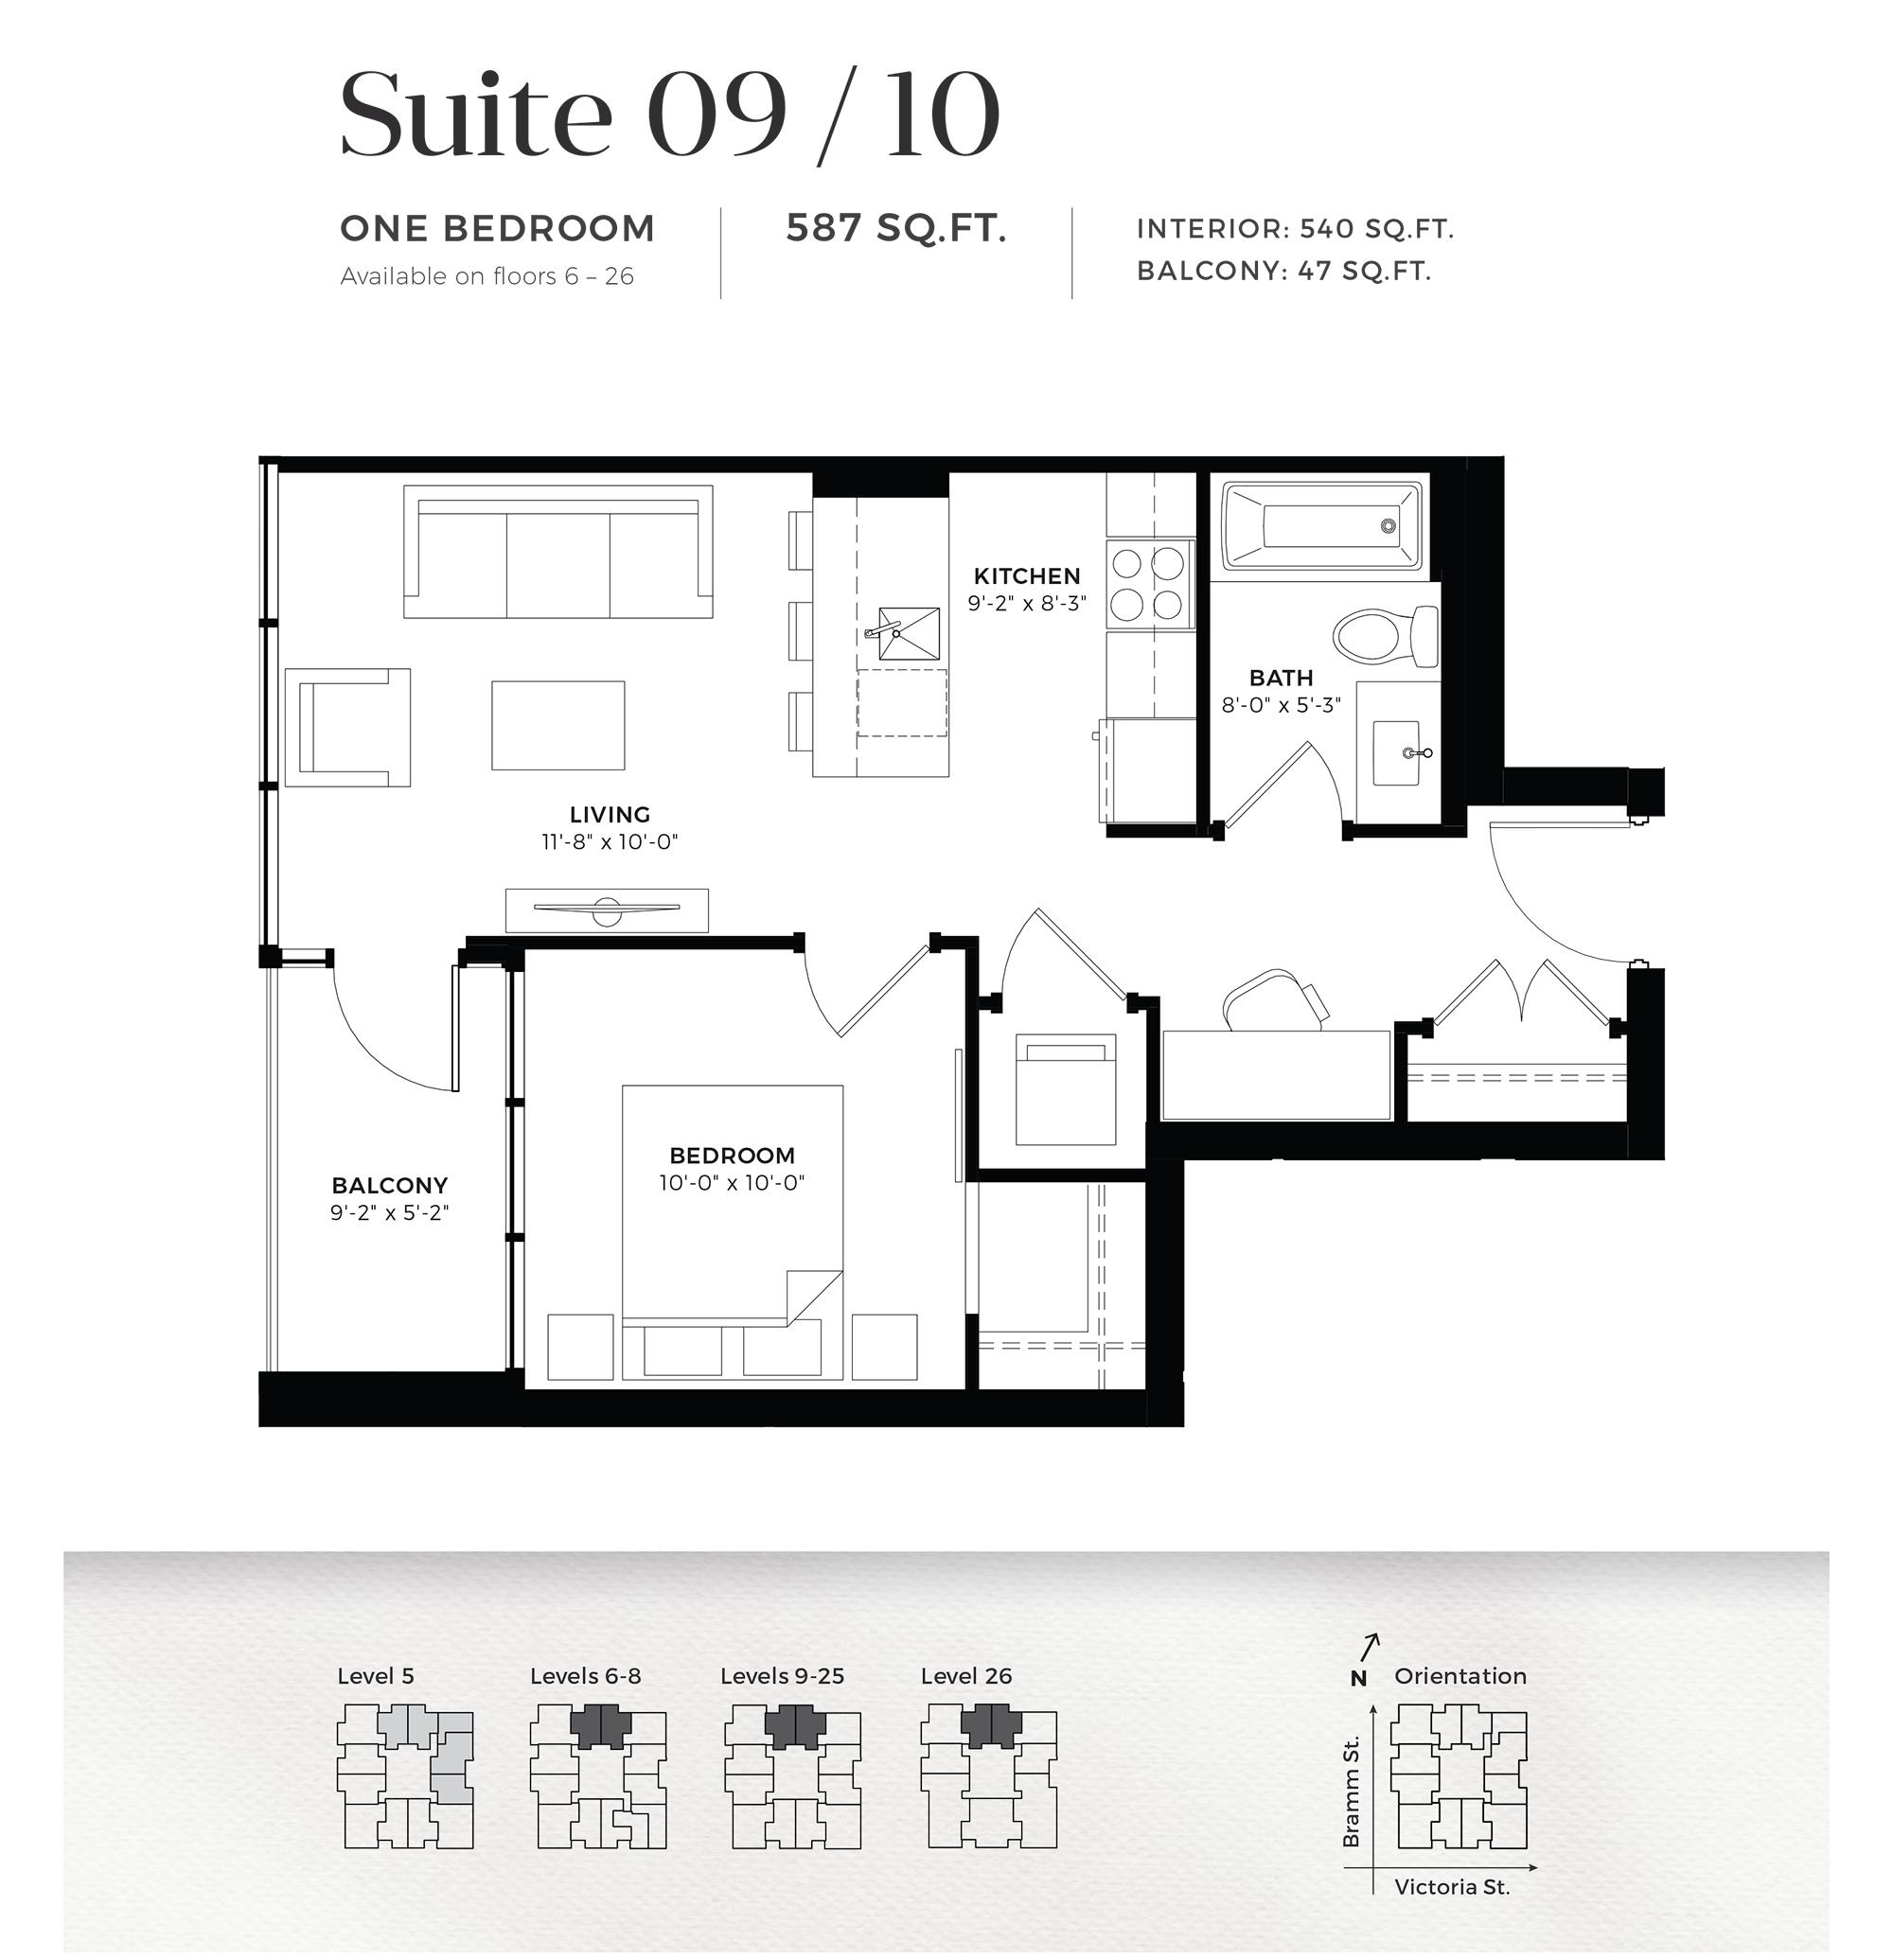 Suite 09 / 10